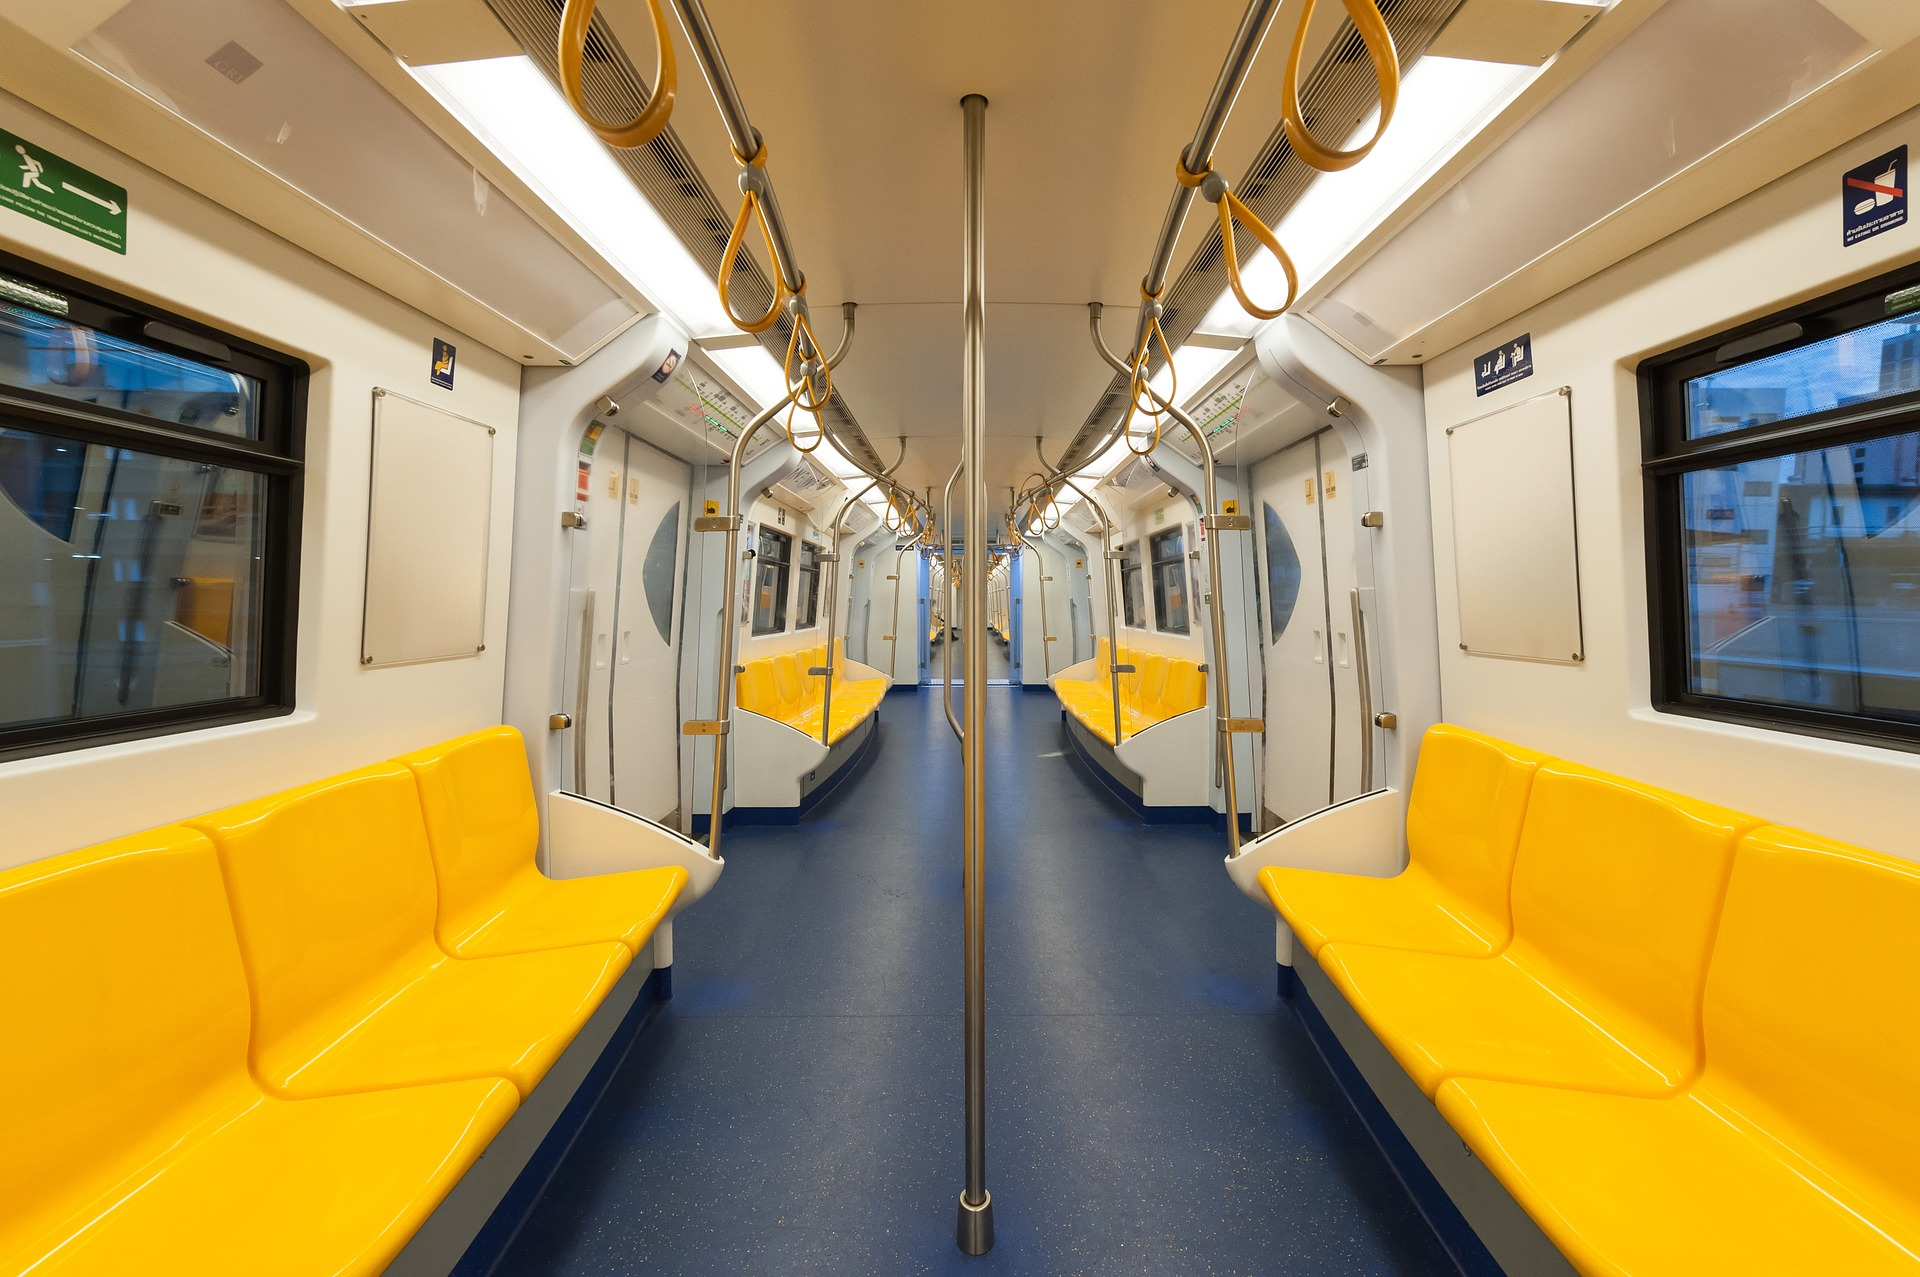 ทำความรู้จักแนวเส้นทางรถไฟฟ้าสายสีเหลือง